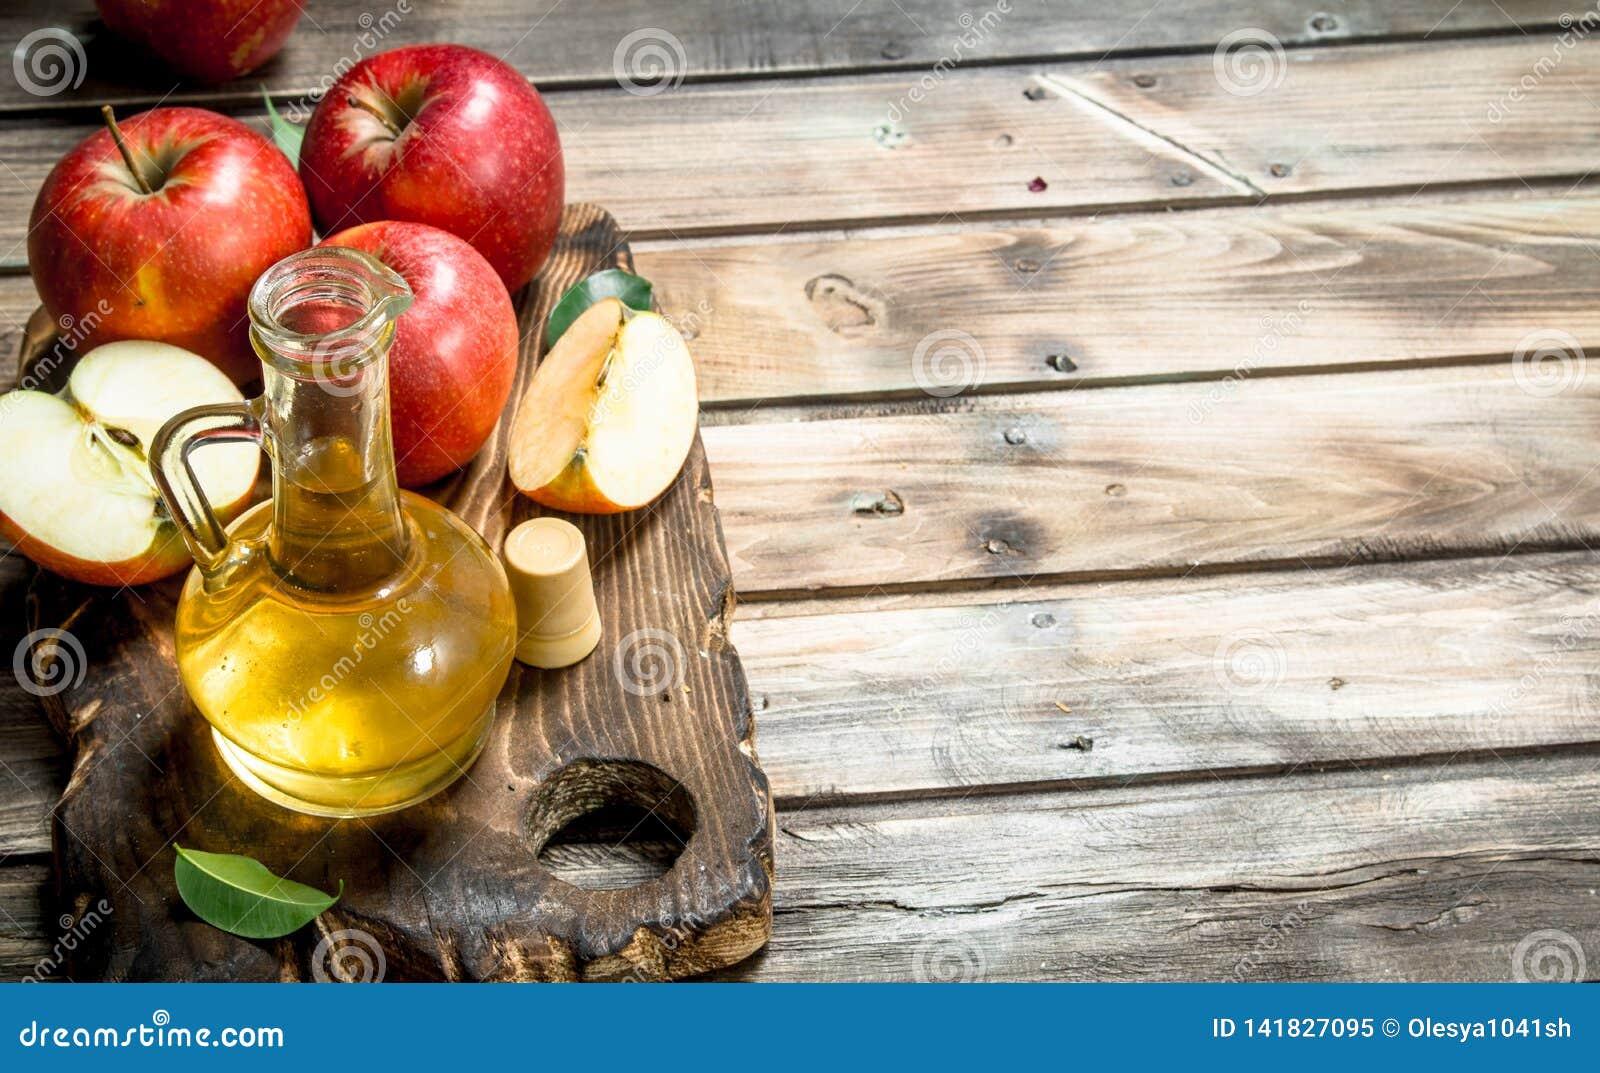 Vinagre de sidra de Apple con las manzanas rojas frescas en una tabla de cortar